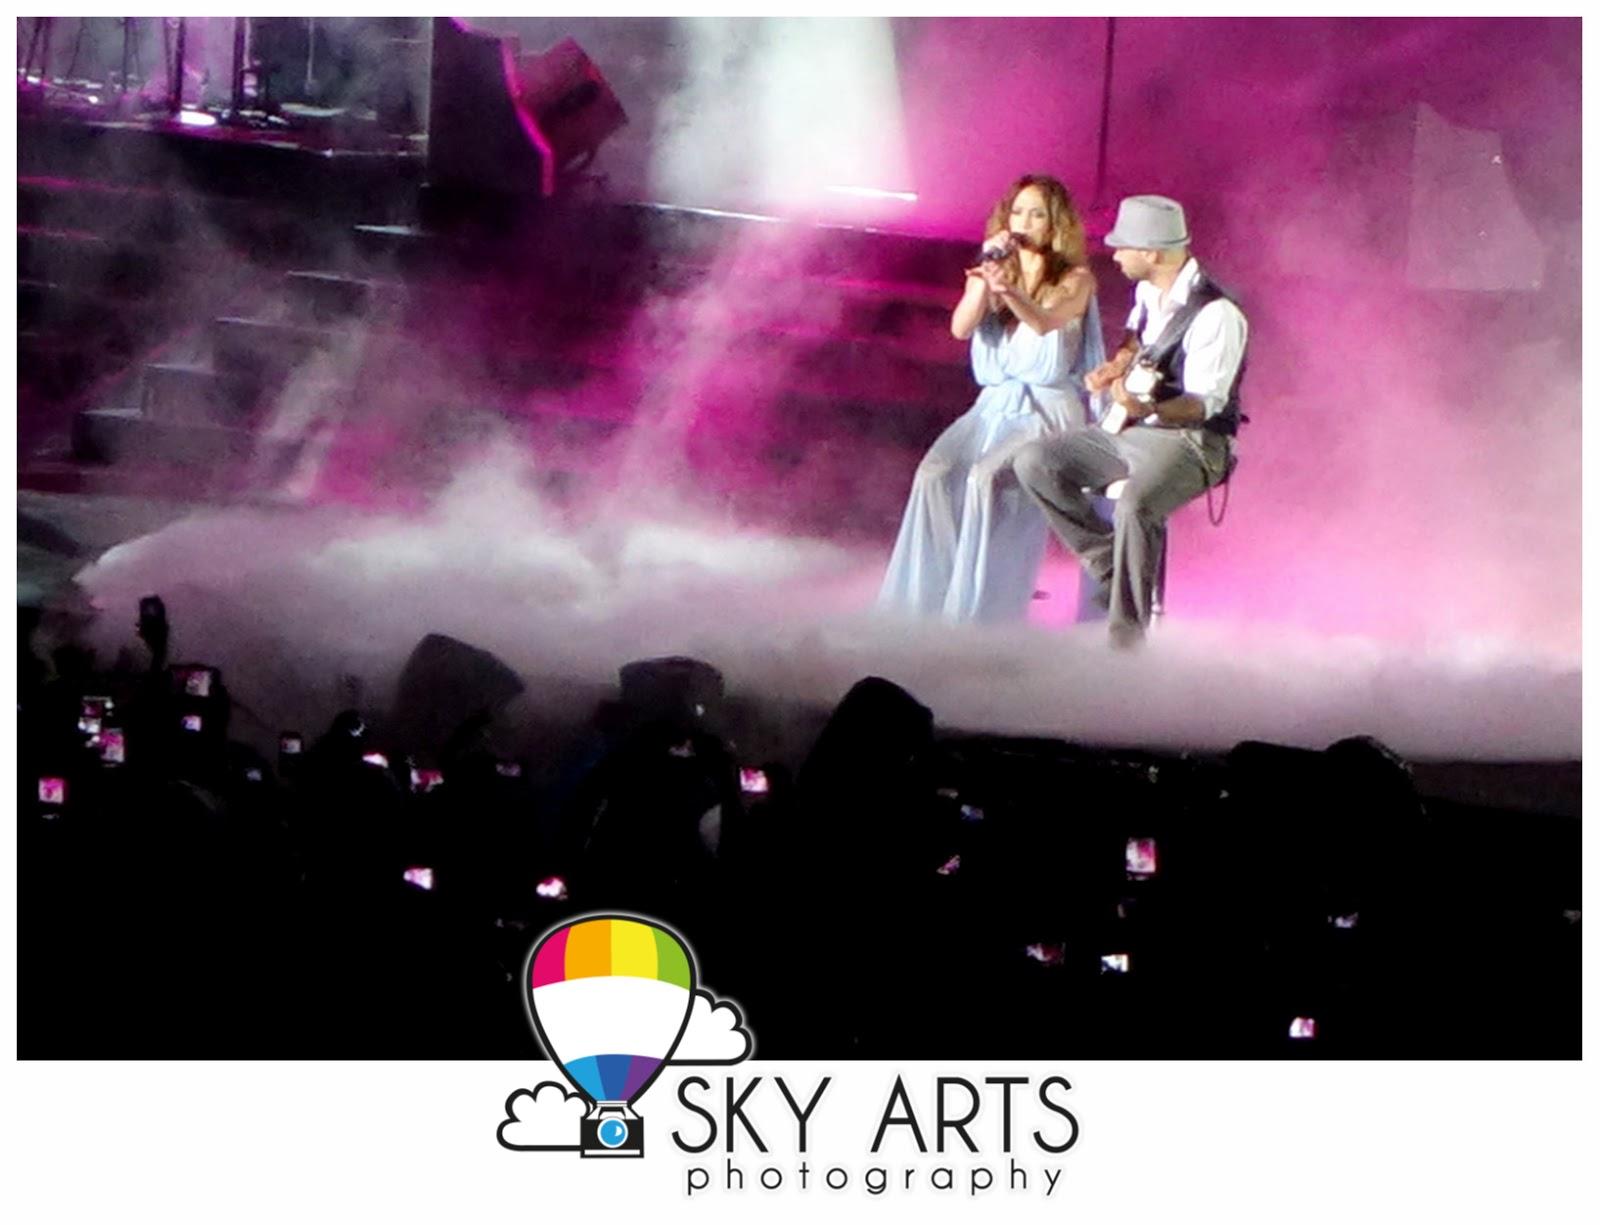 http://1.bp.blogspot.com/-TNN8q8ujN8A/ULwNL4RPQjI/AAAAAAABqpk/WPSXitvJo7Q/s1600/Jennifer+Lopez+%23DanceAgainWorldTour2012+Malaysia+Kuala+Lumpur+Live+Concert-00393.jpg